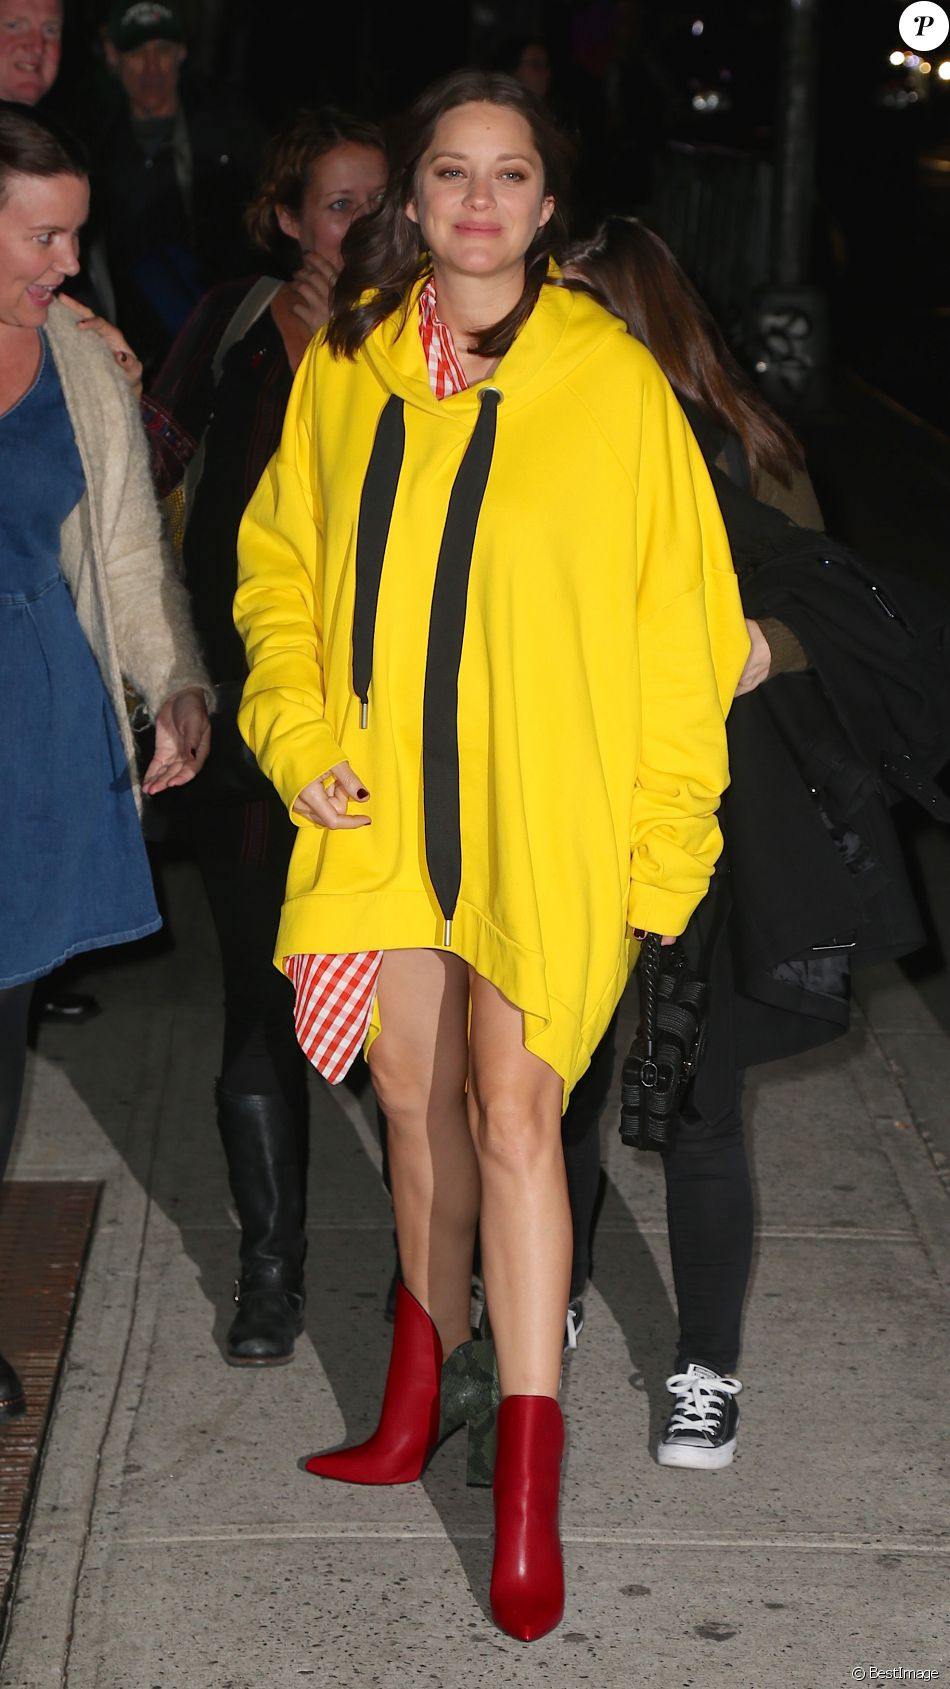 Marion Cotillard enceinte et étrangement vêtue, arrive à l'émission de Stephan Colbert à New York, le 16 novembre 2016